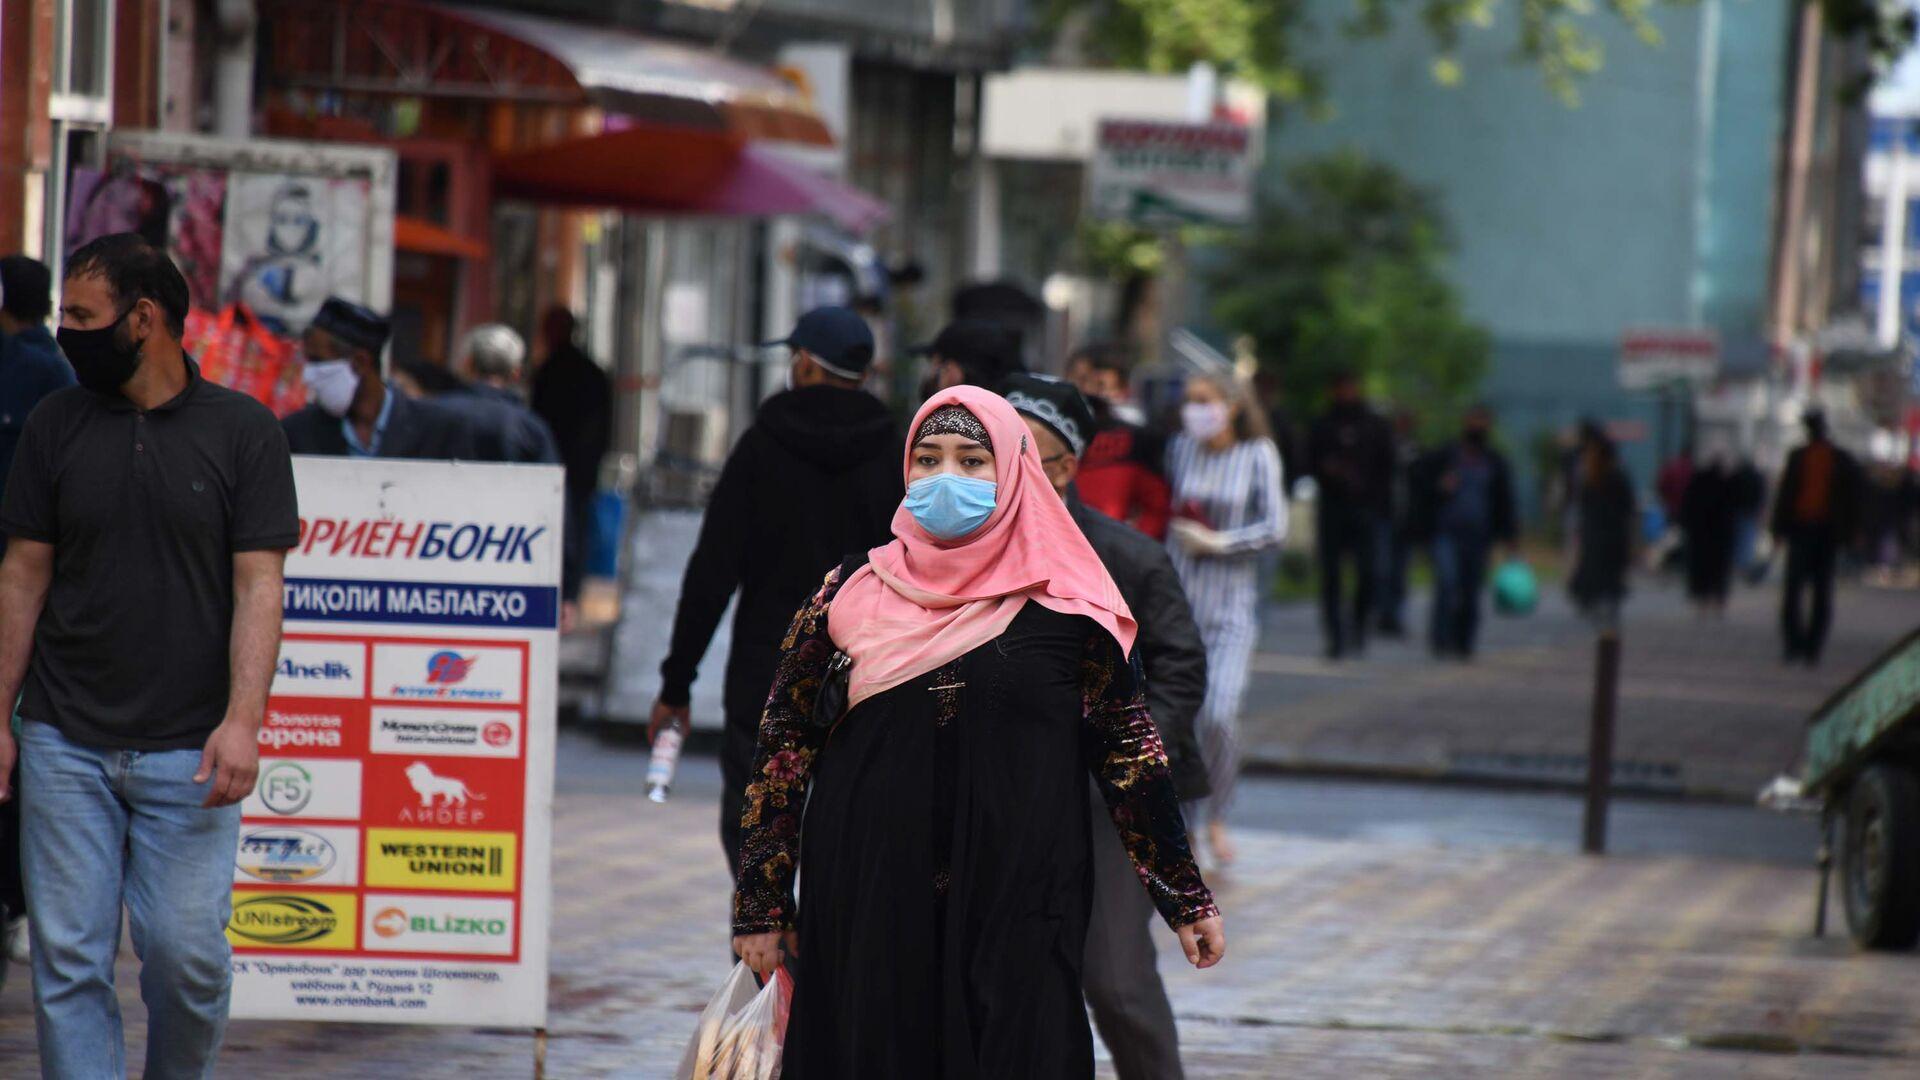 Женщина в защитной маске на улице города Душанбе - Sputnik Тоҷикистон, 1920, 03.09.2021